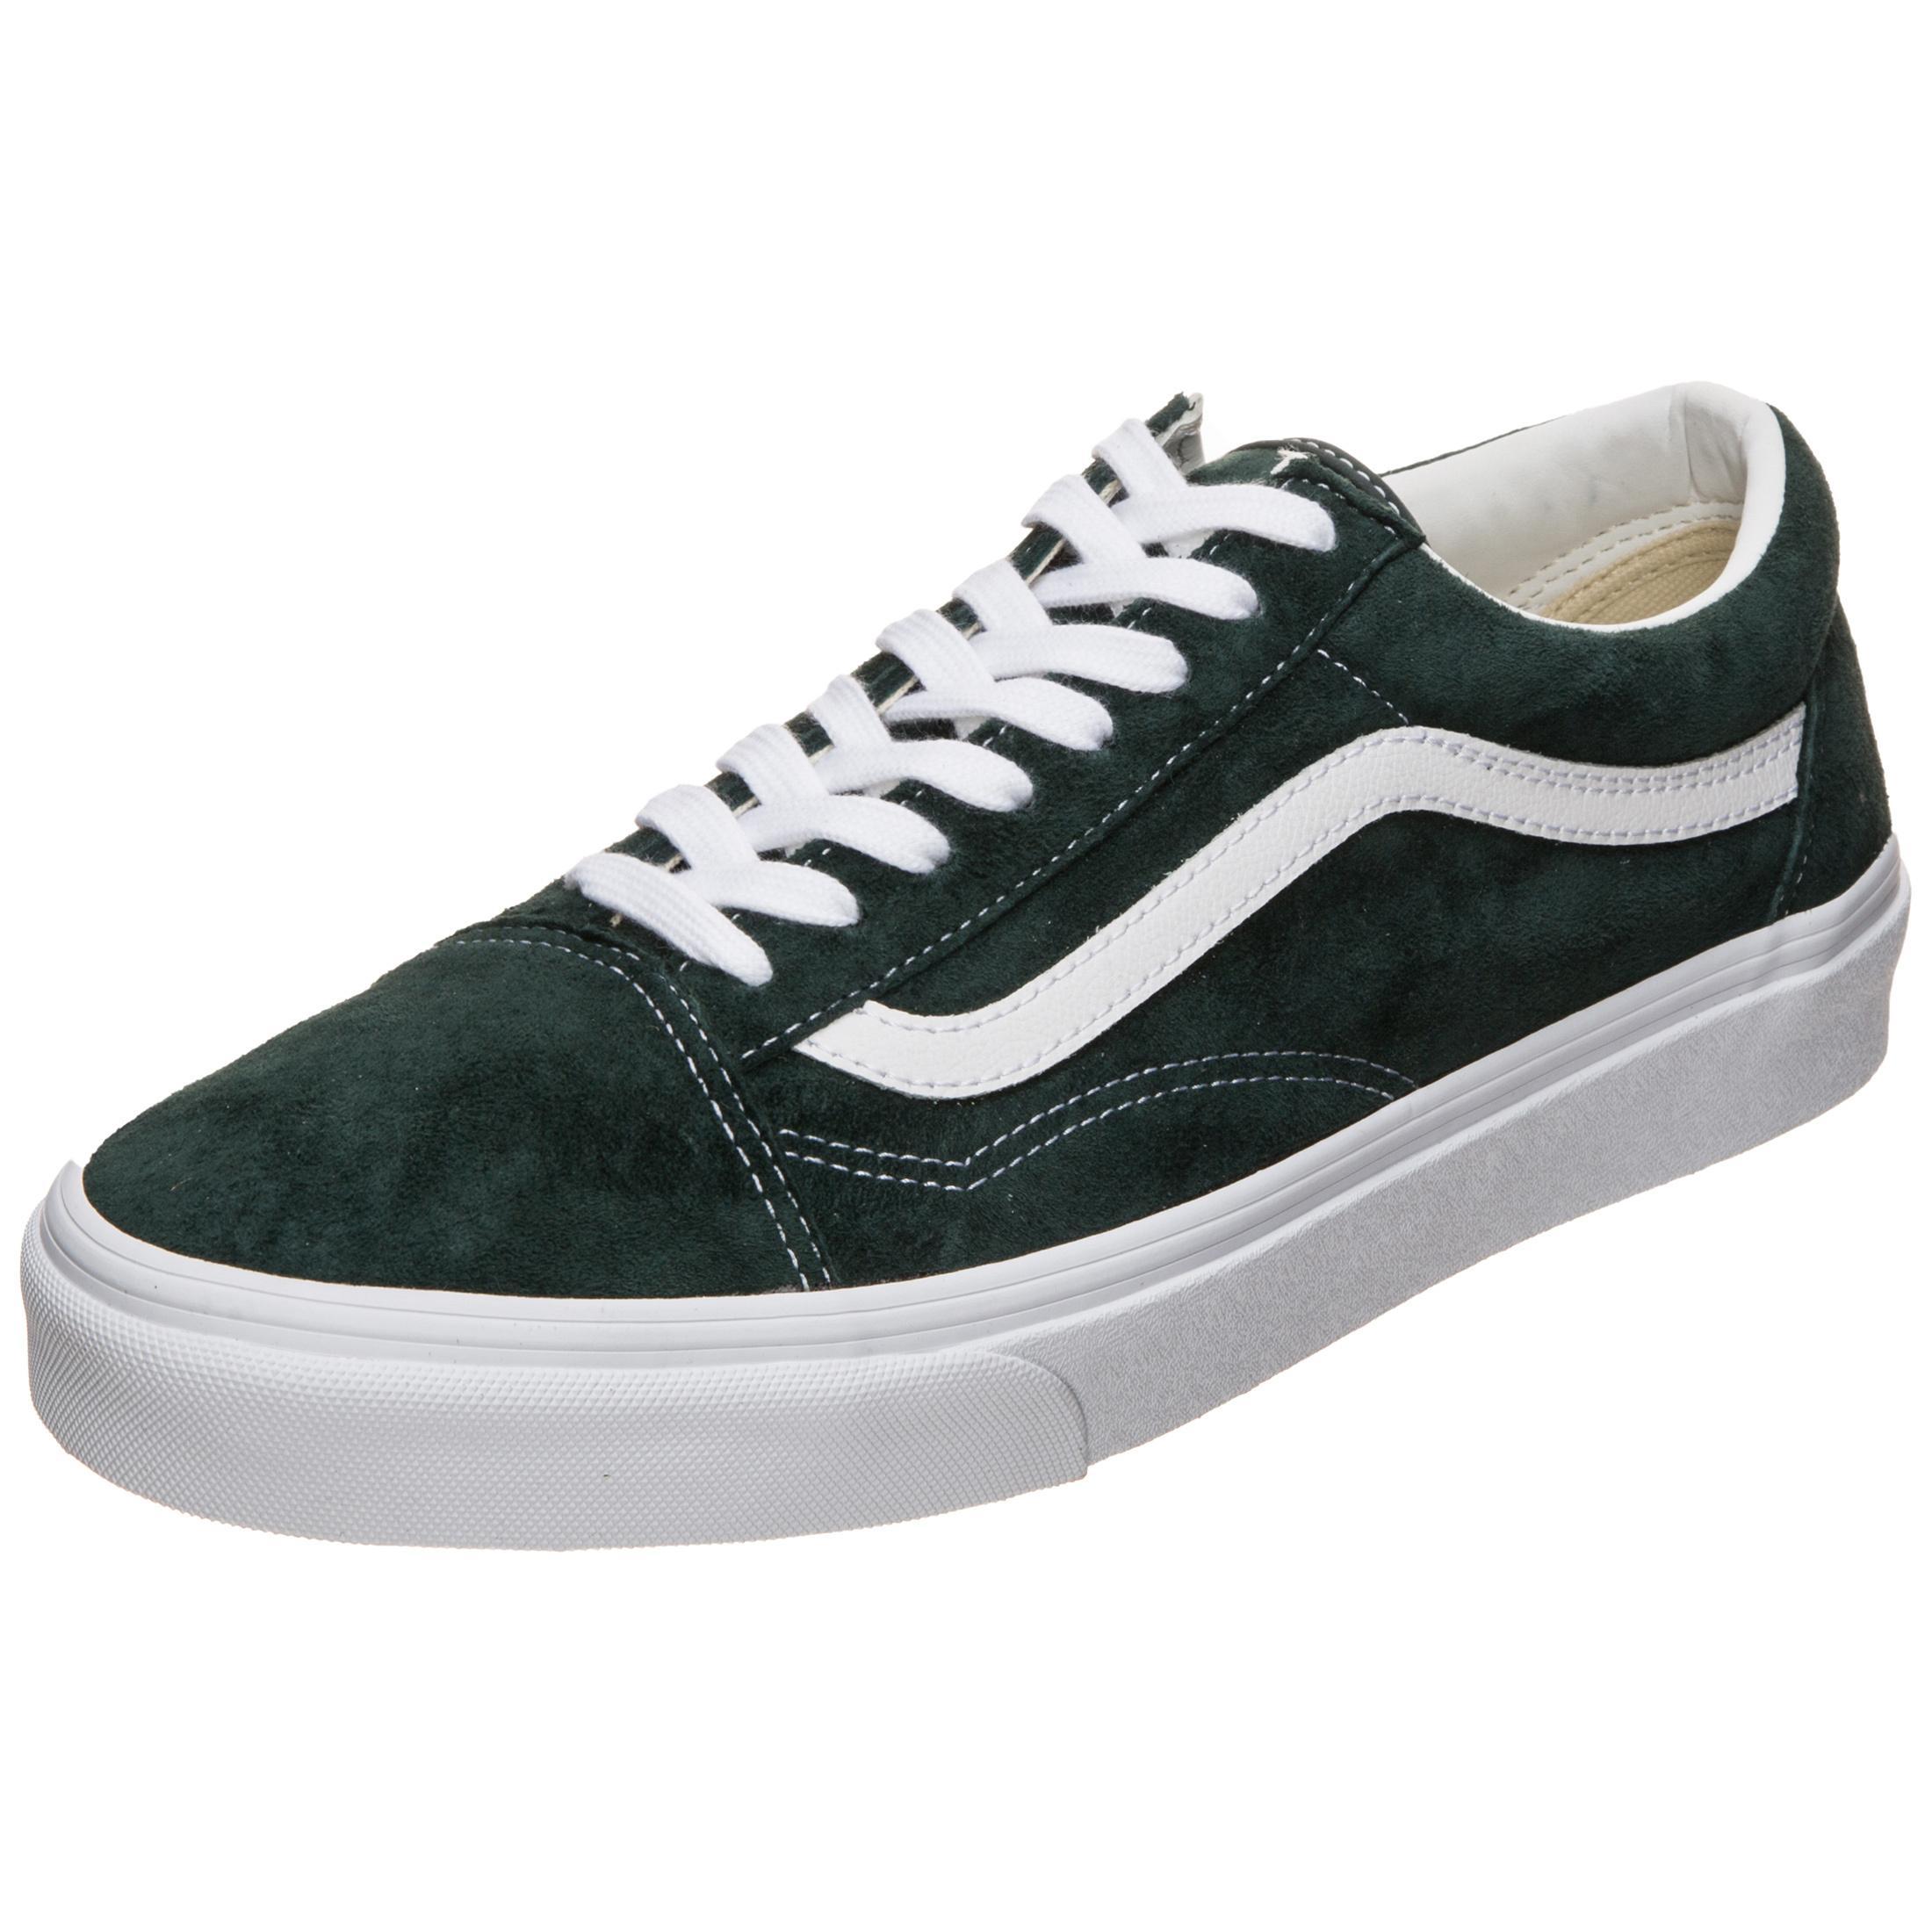 Vans Old Skool Sneaker Herren dunkelgrün / weiß im Online Shop von SportScheck kaufen